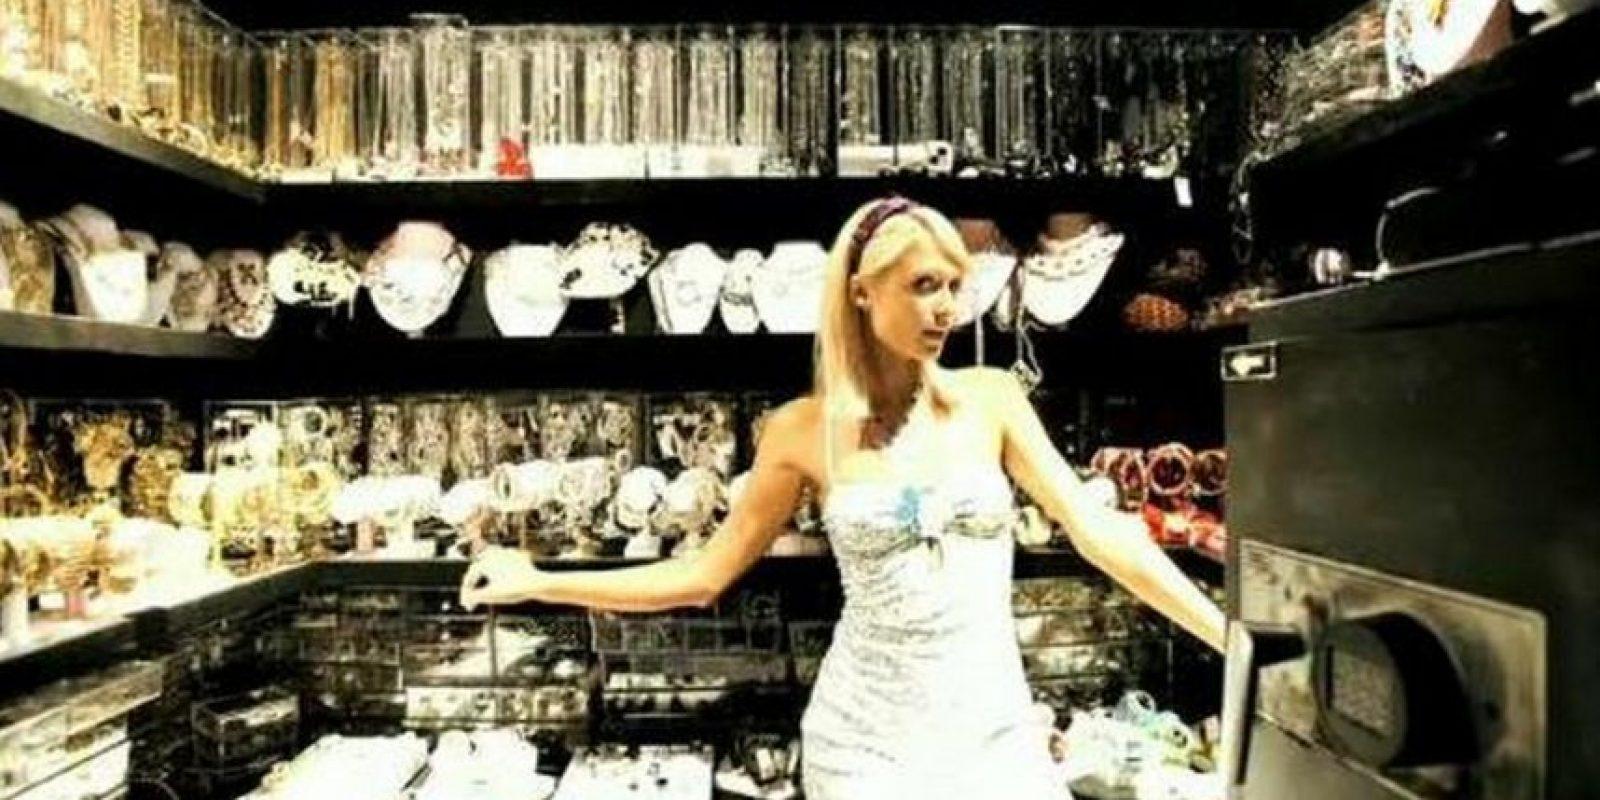 Guarda más de 200 pares de zapatos, incluidos los de su propia colección, pero en otro espacio tiene prendas de alta costura de firmas como Ungaro, Roberto Cavalli, Dolce & Gabbana y Versace Foto:Vogue